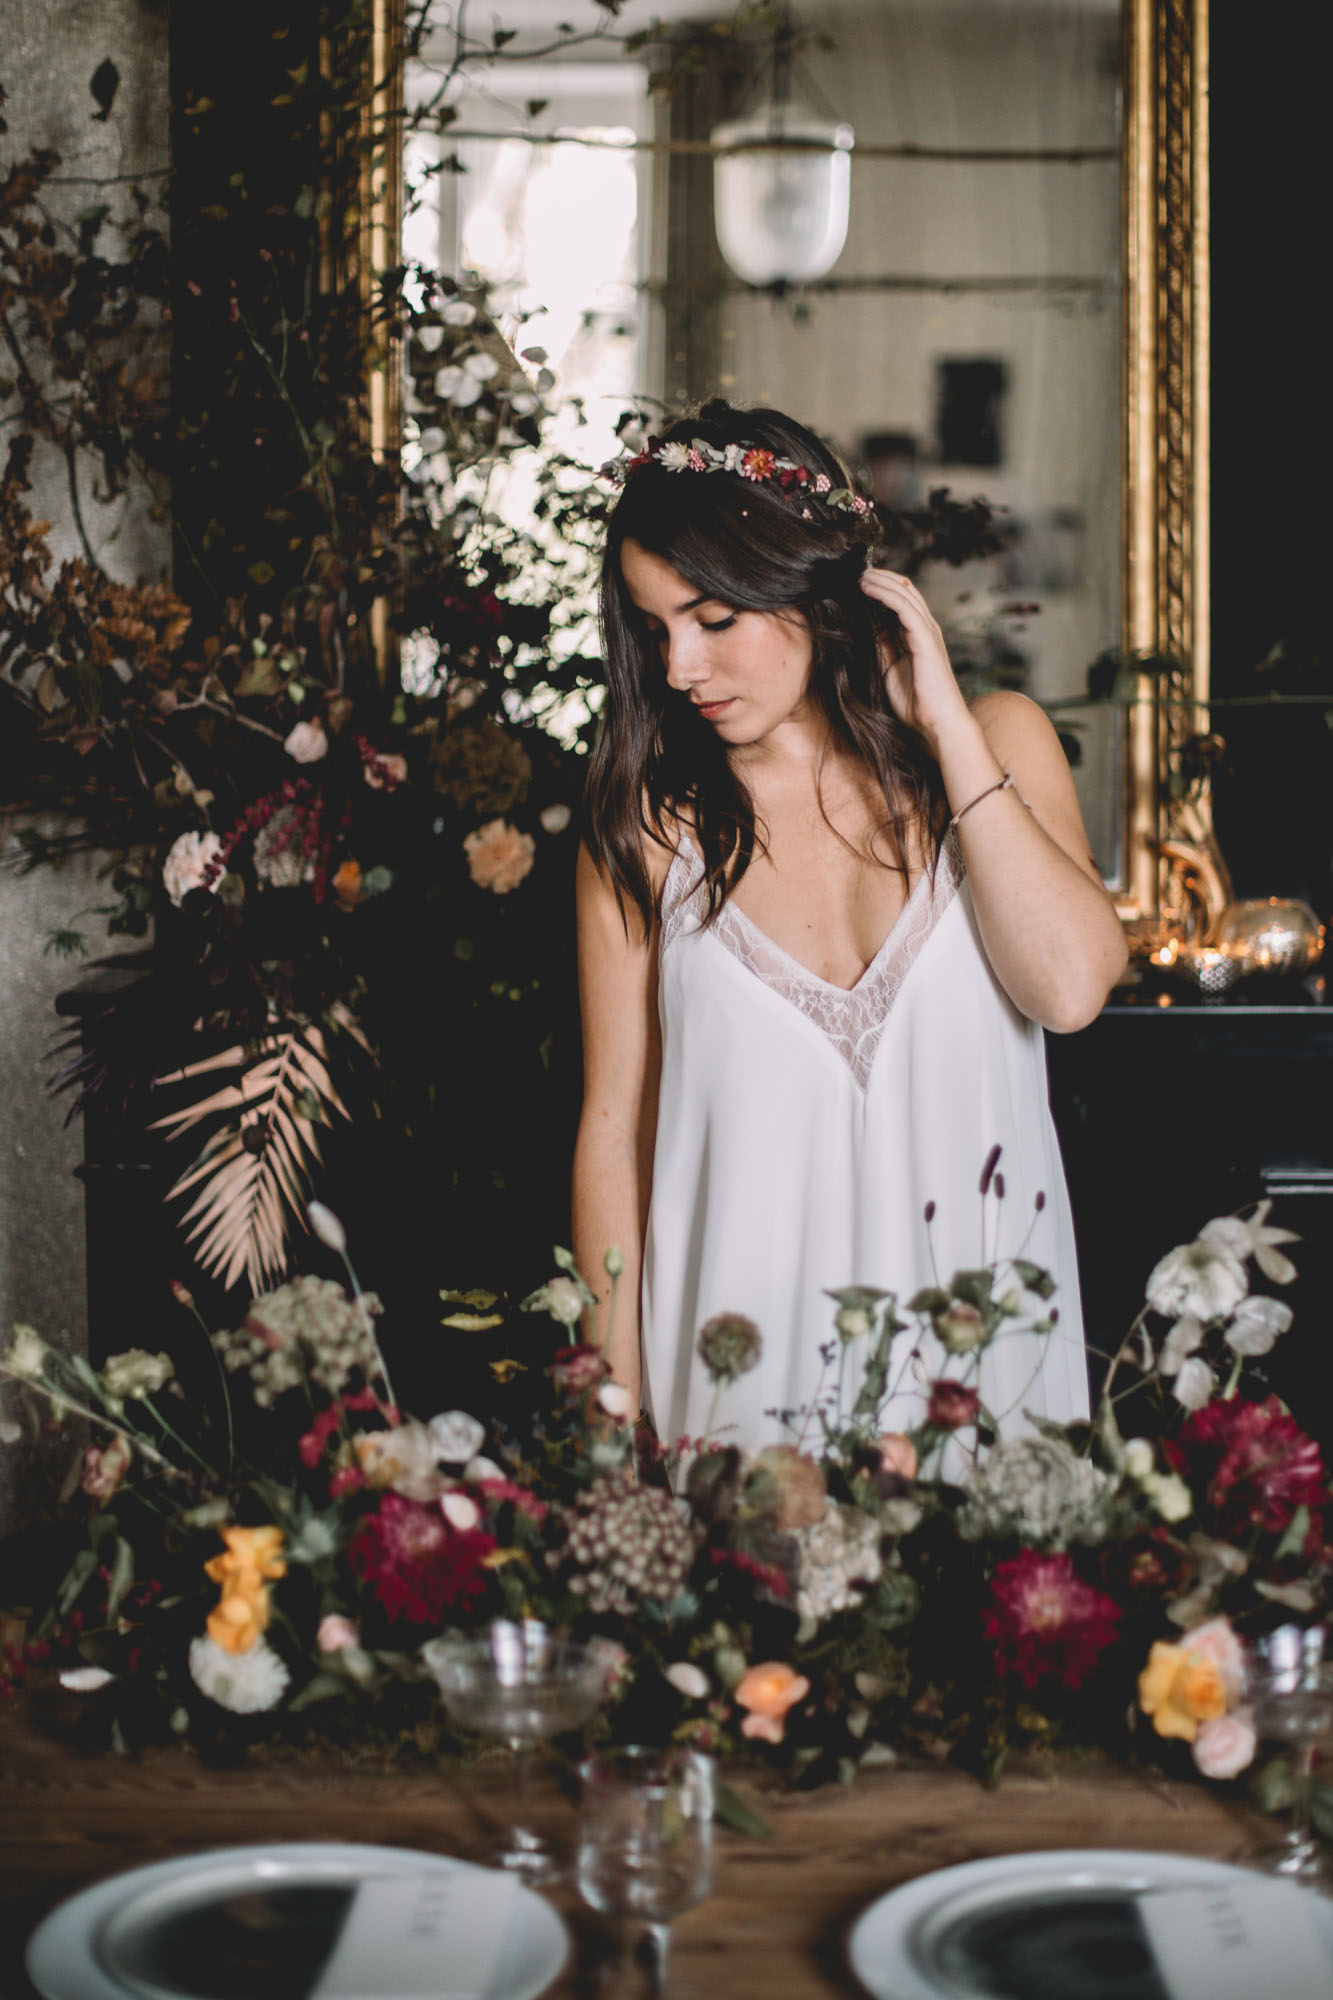 FESTIVAL_MARIAGE_TOULOUSE_PHOTOGRAPHE_MARIAGE_LES BANDITS-2